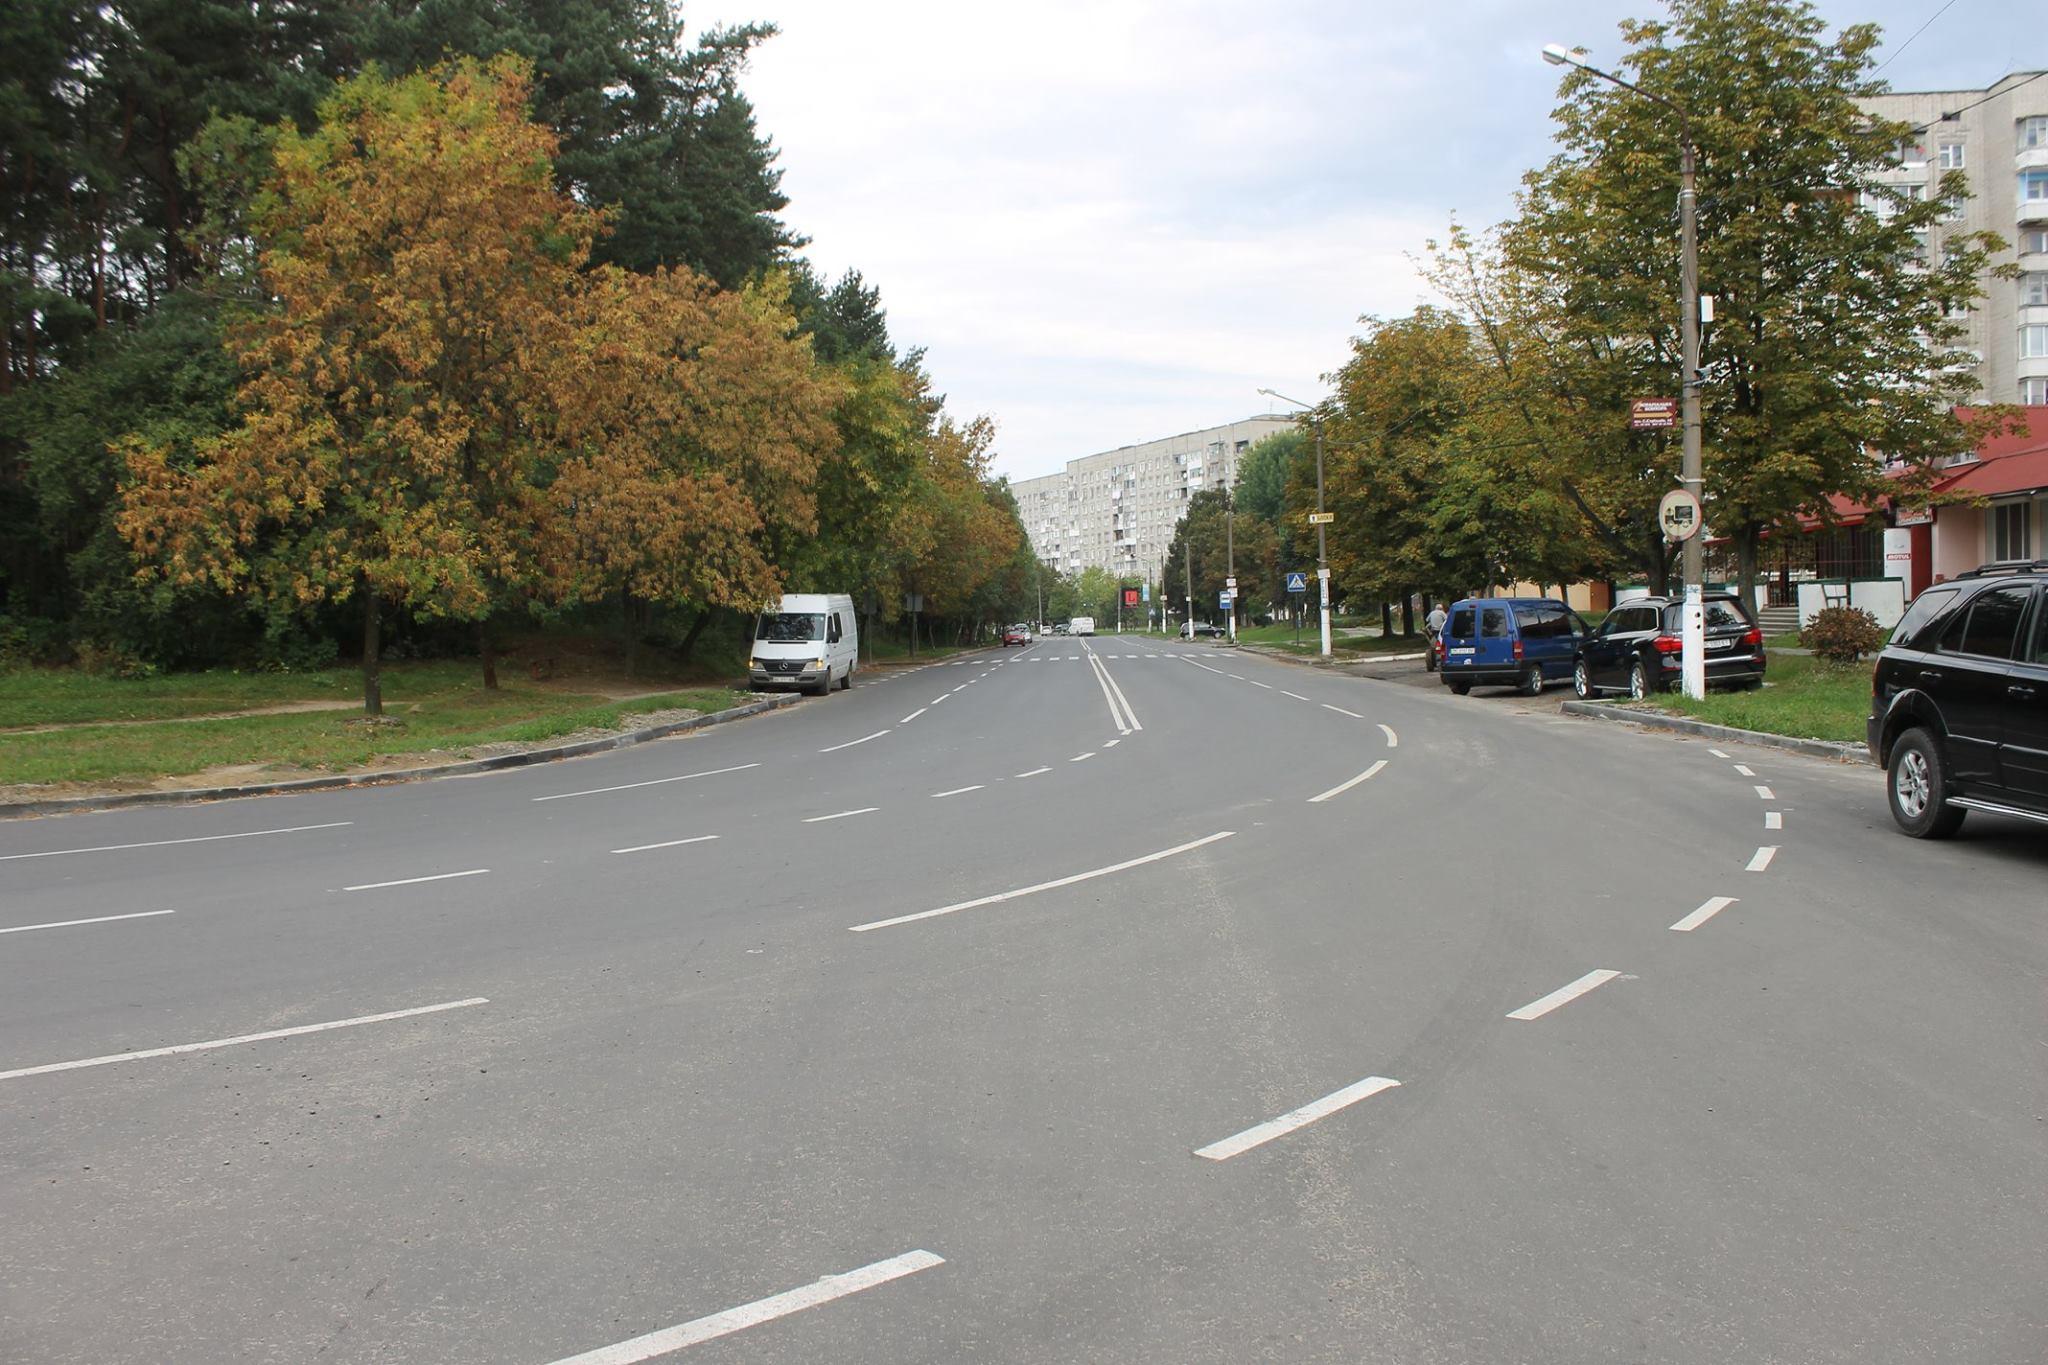 Здійснено капітальний ремонт дорожнього покриття по вул. А.Шептицького №3 до вул. Львівської